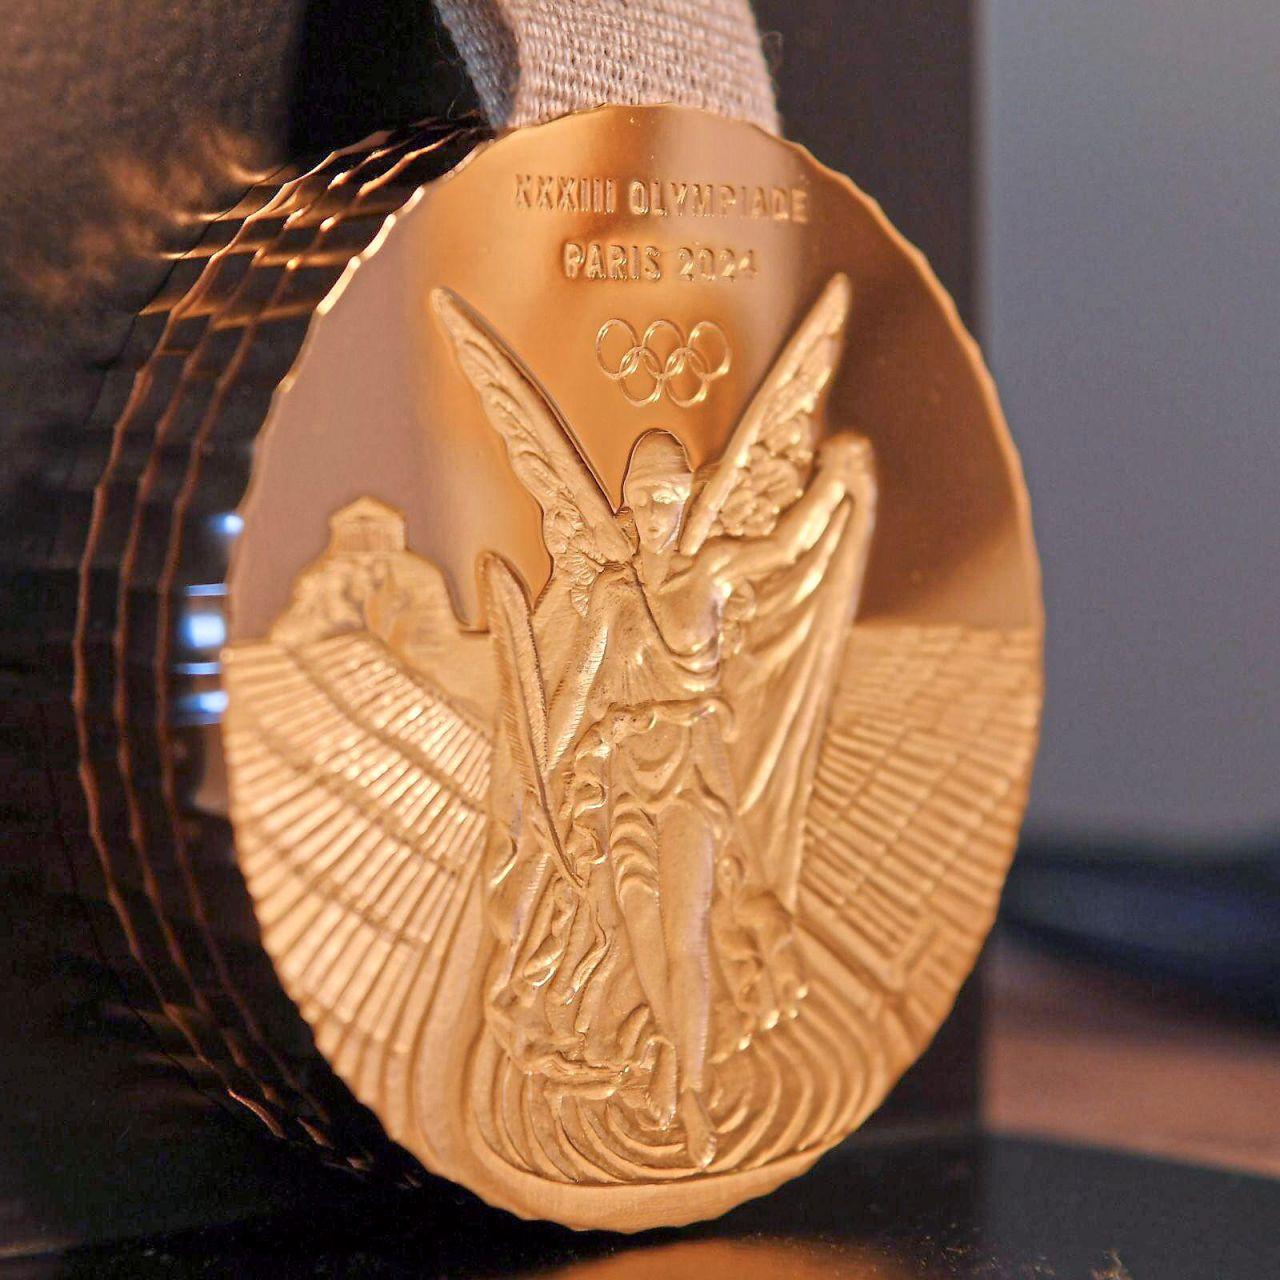 Philippe Starck, Medaglia Olimpica